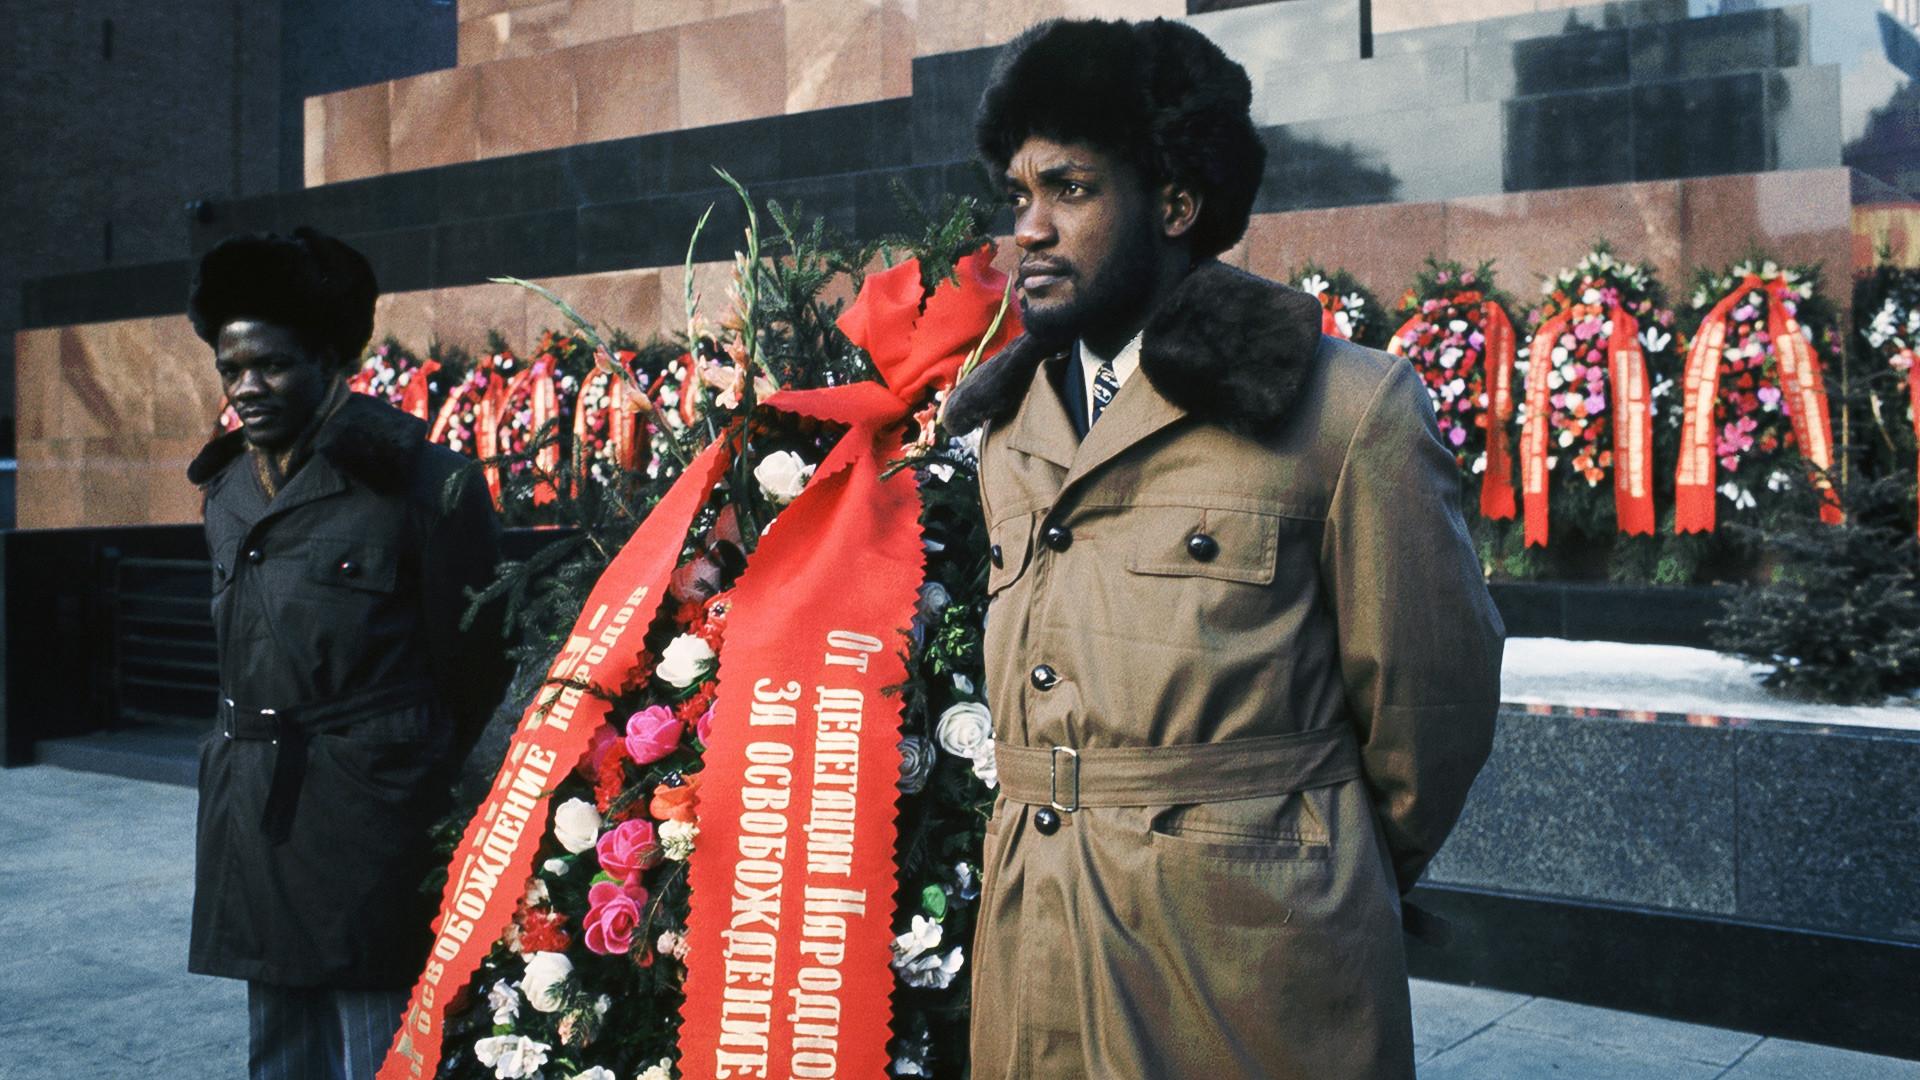 アンゴラ解放人民運動の代表団はレーニン廟に花輪をささげる。